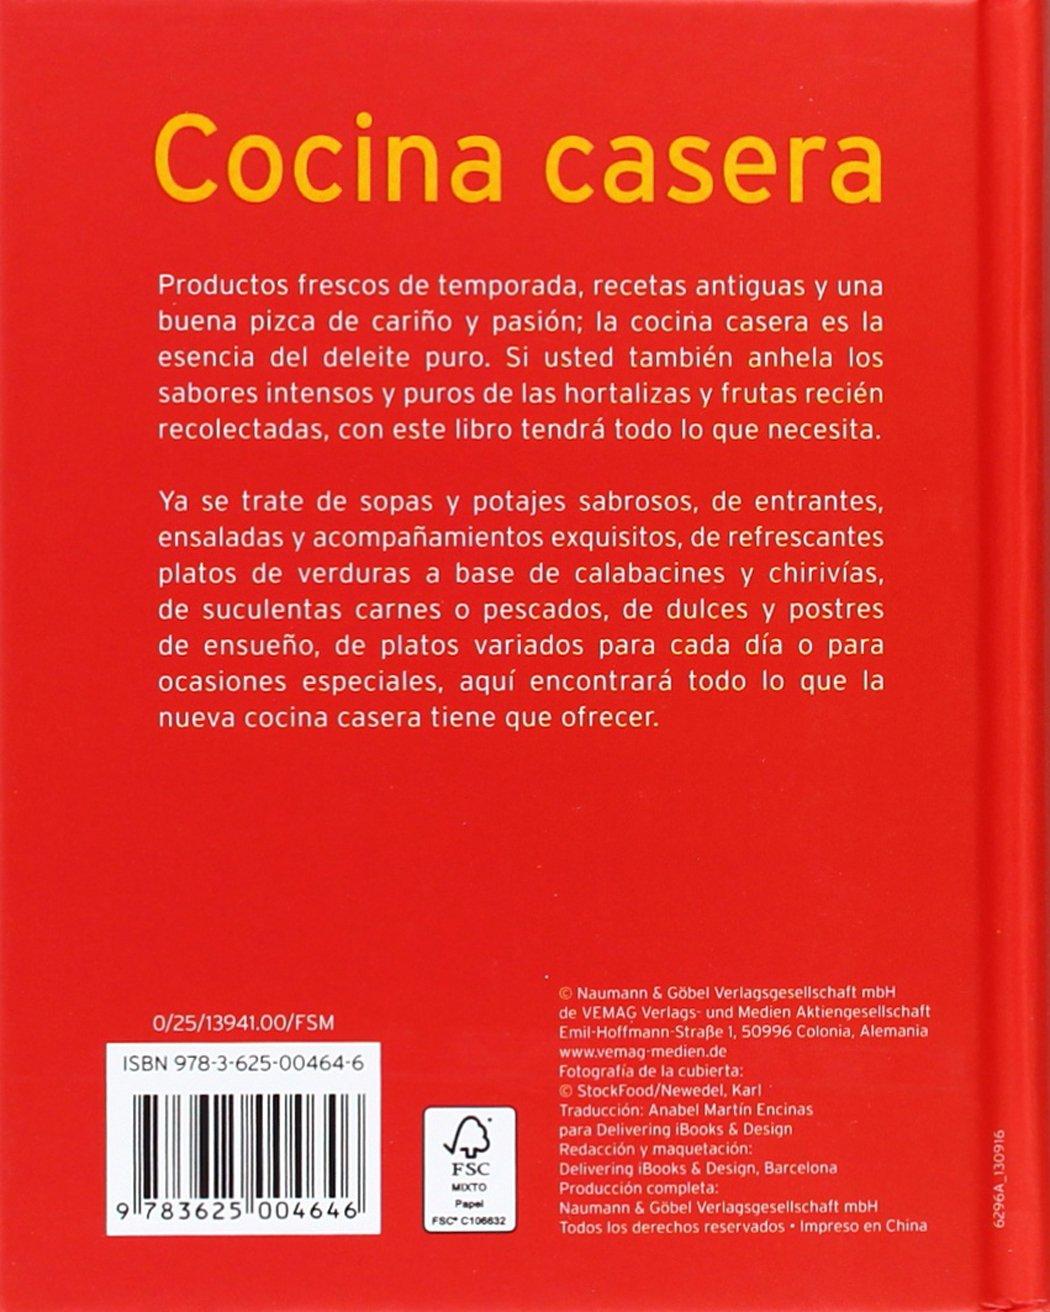 Cocina Casera. Mini Libros De Cocina: Amazon.es: Vv.Aa.: Libros